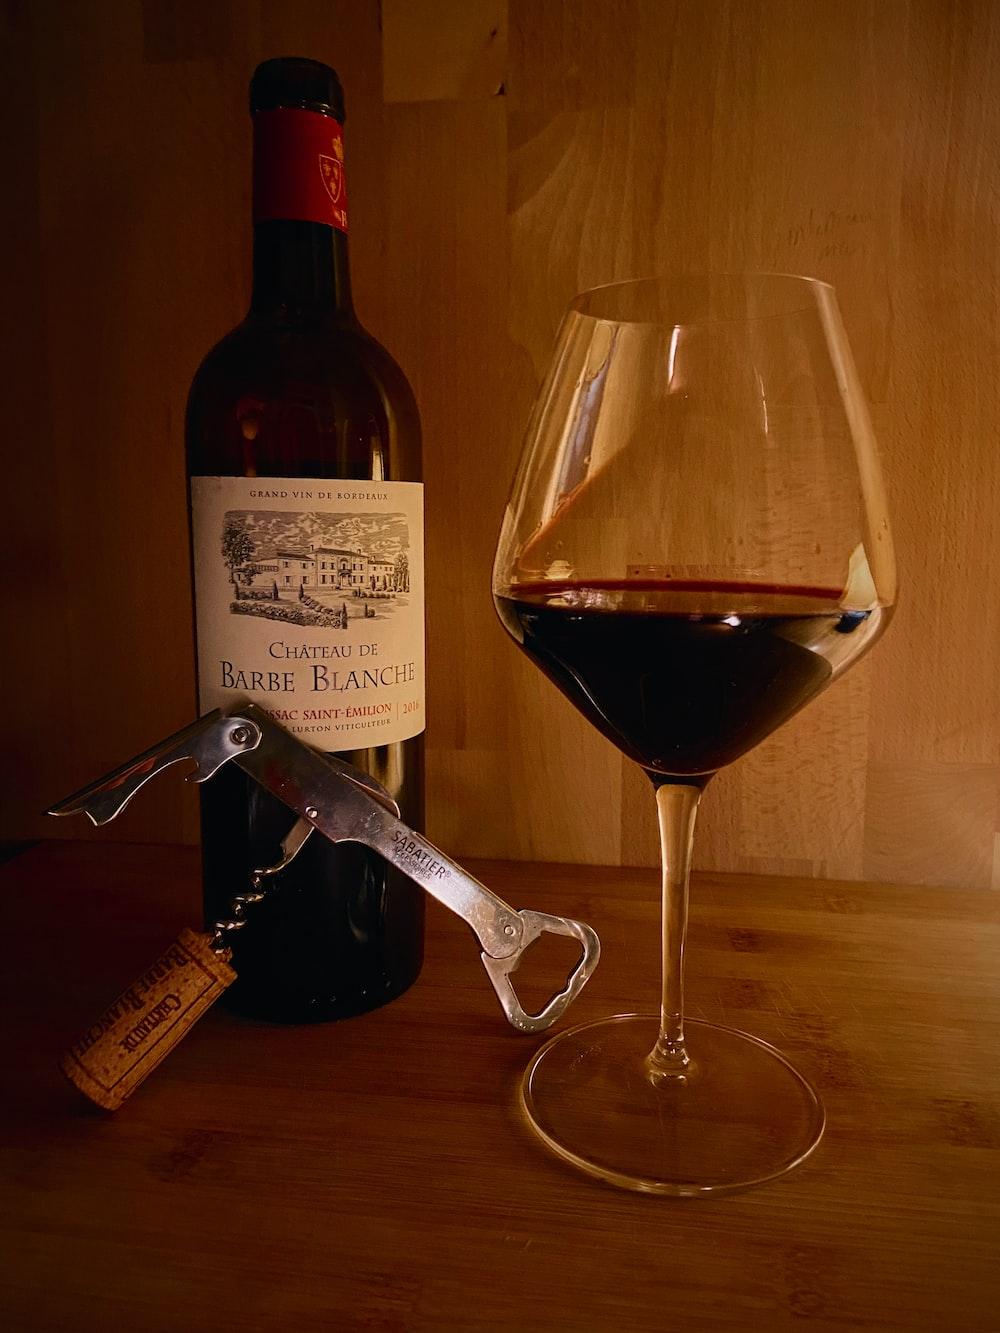 clear wine glass beside wine bottle